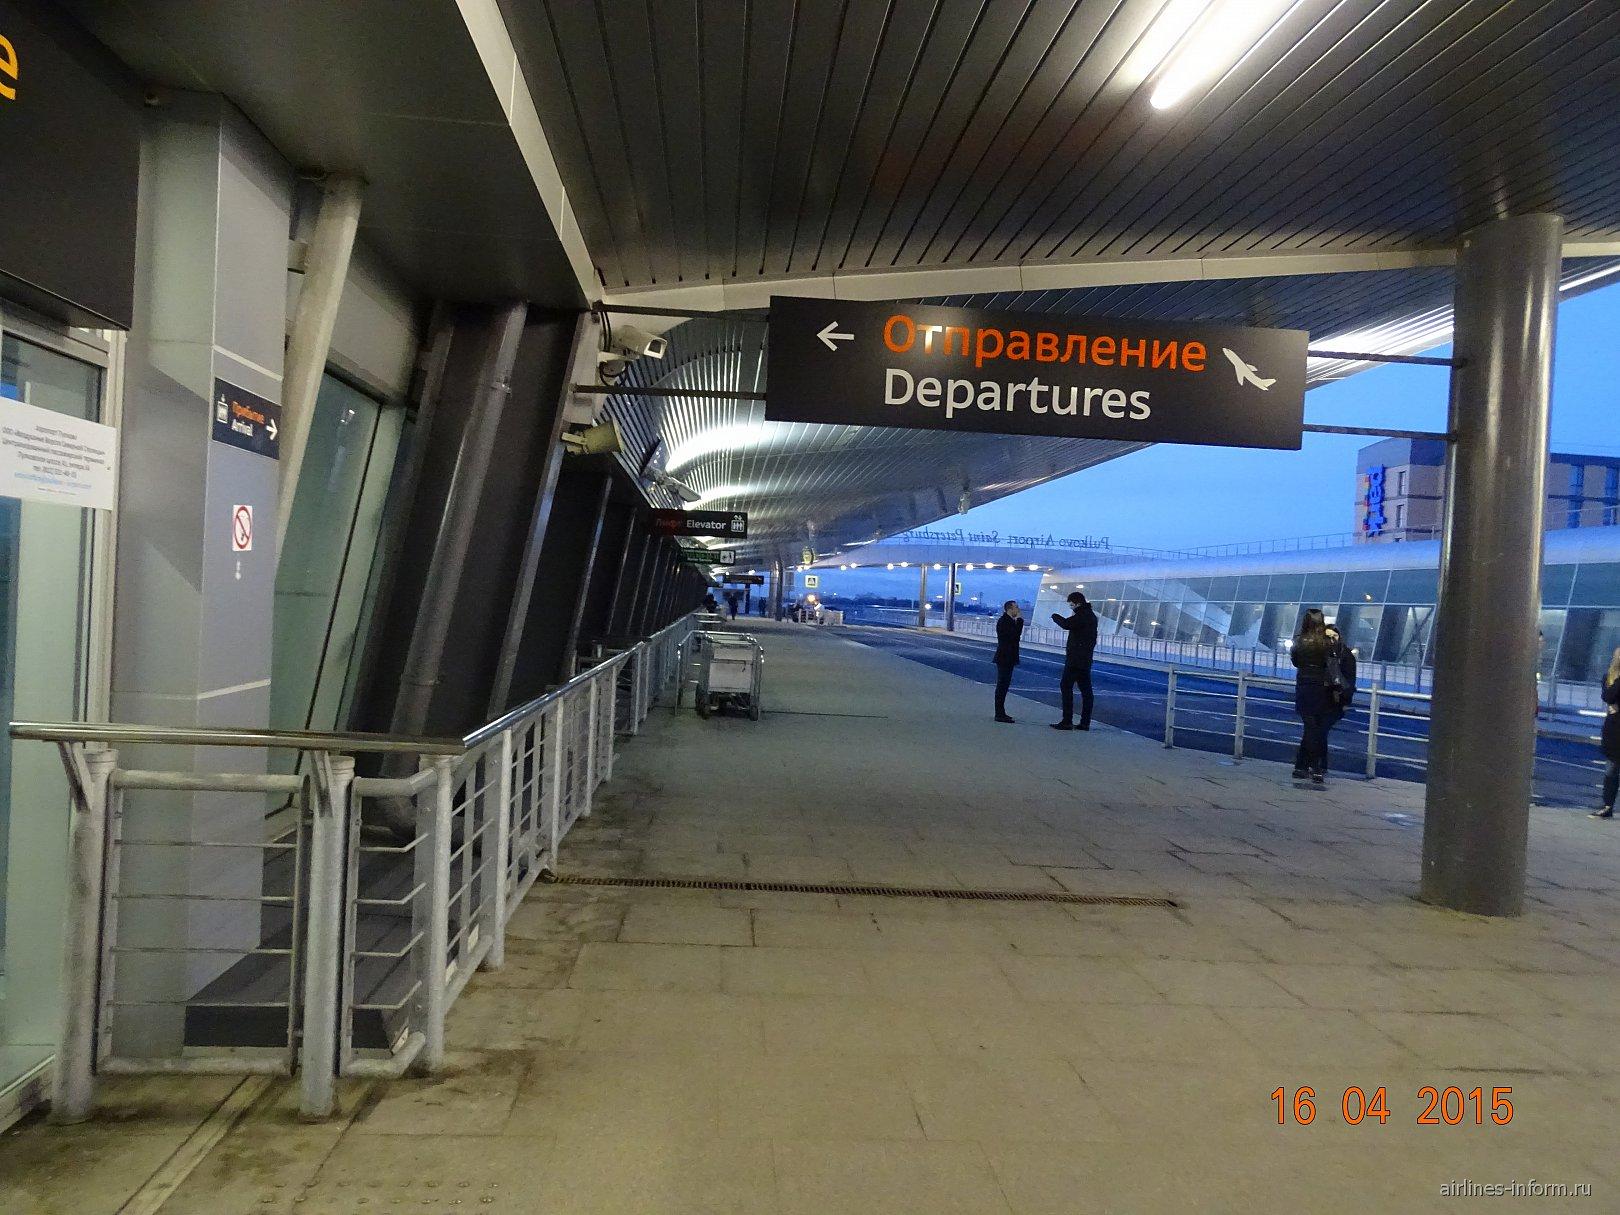 Вход в пассажирский терминал аэропорта Пулково в Санкт-Петербурге